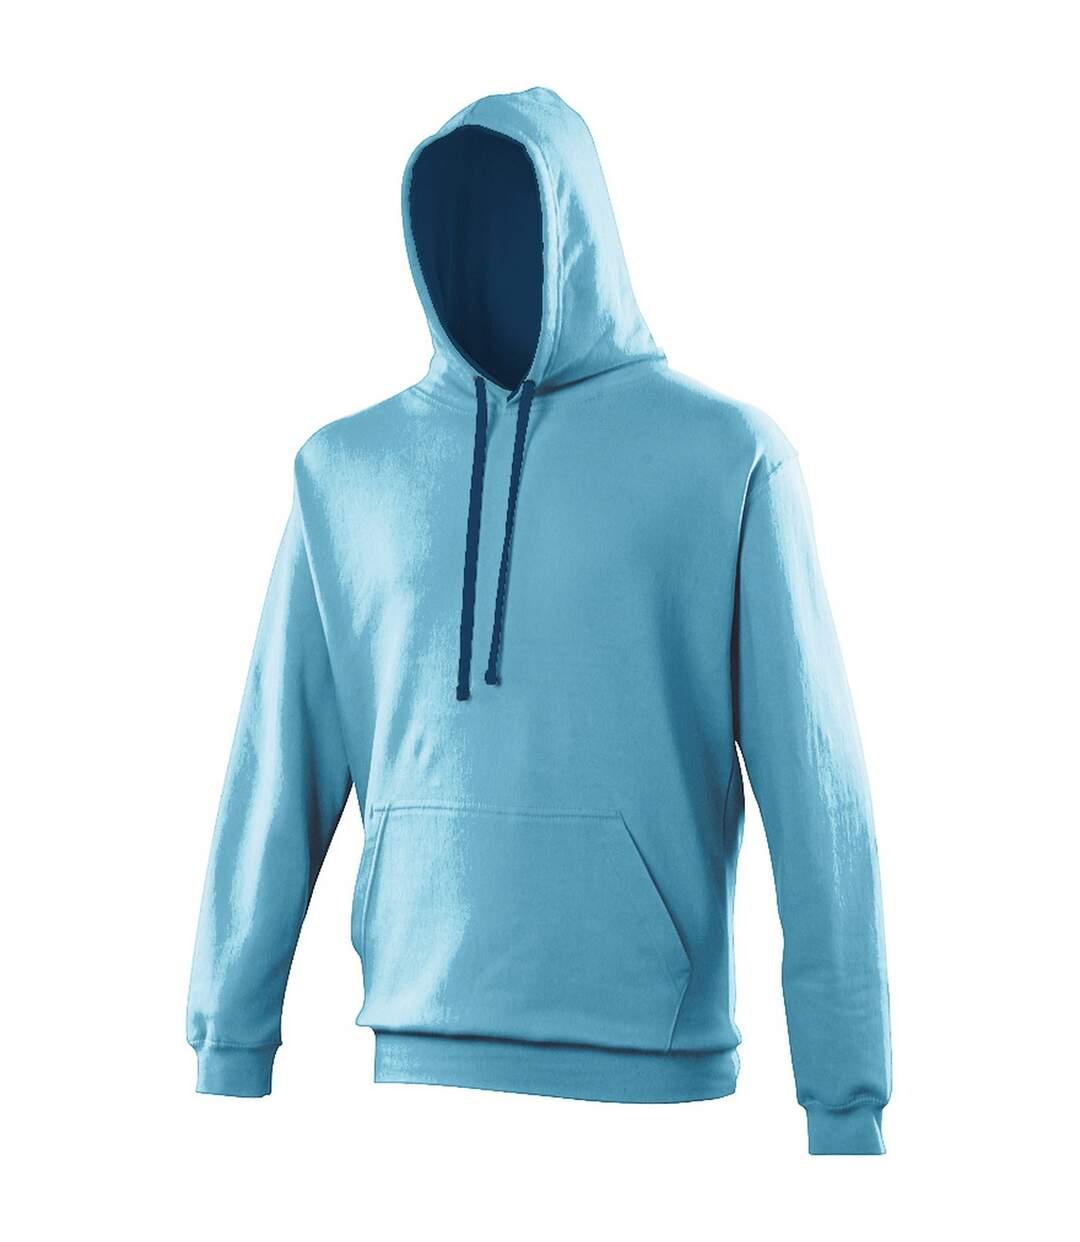 Awdis Varsity Hooded Sweatshirt / Hoodie (Fire Red / Jet Black) - UTRW165